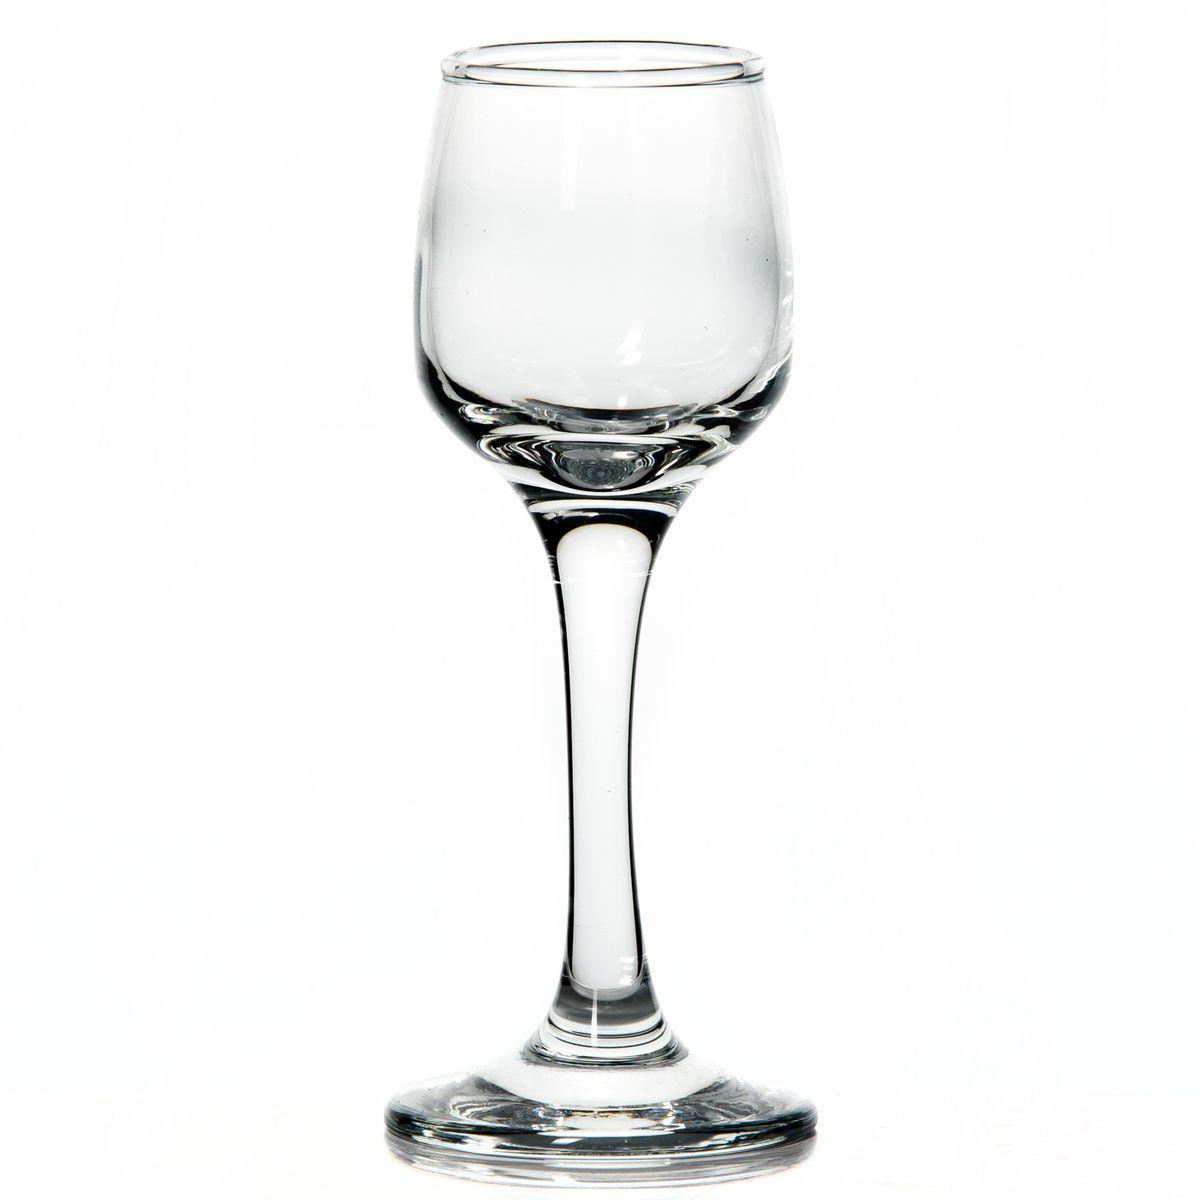 Набор бокалов Pasabahce Isabella, 65 мл, 3 штVT-1520(SR)Набор Pasabahce Isabella состоит из трех бокалов, выполненных из прочного натрий-кальций-силикатного стекла. Изделия имеют изящные ножки и гладкие прозрачные стенки. Бокалы сочетают в себе элегантный дизайн и функциональность. Благодаря такому набору пить напитки будет еще вкуснее.Набор бокалов Pasabahce Isabella прекрасно оформит праздничный стол и создаст приятную атмосферу за ужином. Такой набор также станет хорошим подарком к любому случаю. Можно мыть в посудомоечной машине.Диаметр бокала (по верхнему краю): 4,5 см. Высота бокала: 14 см.